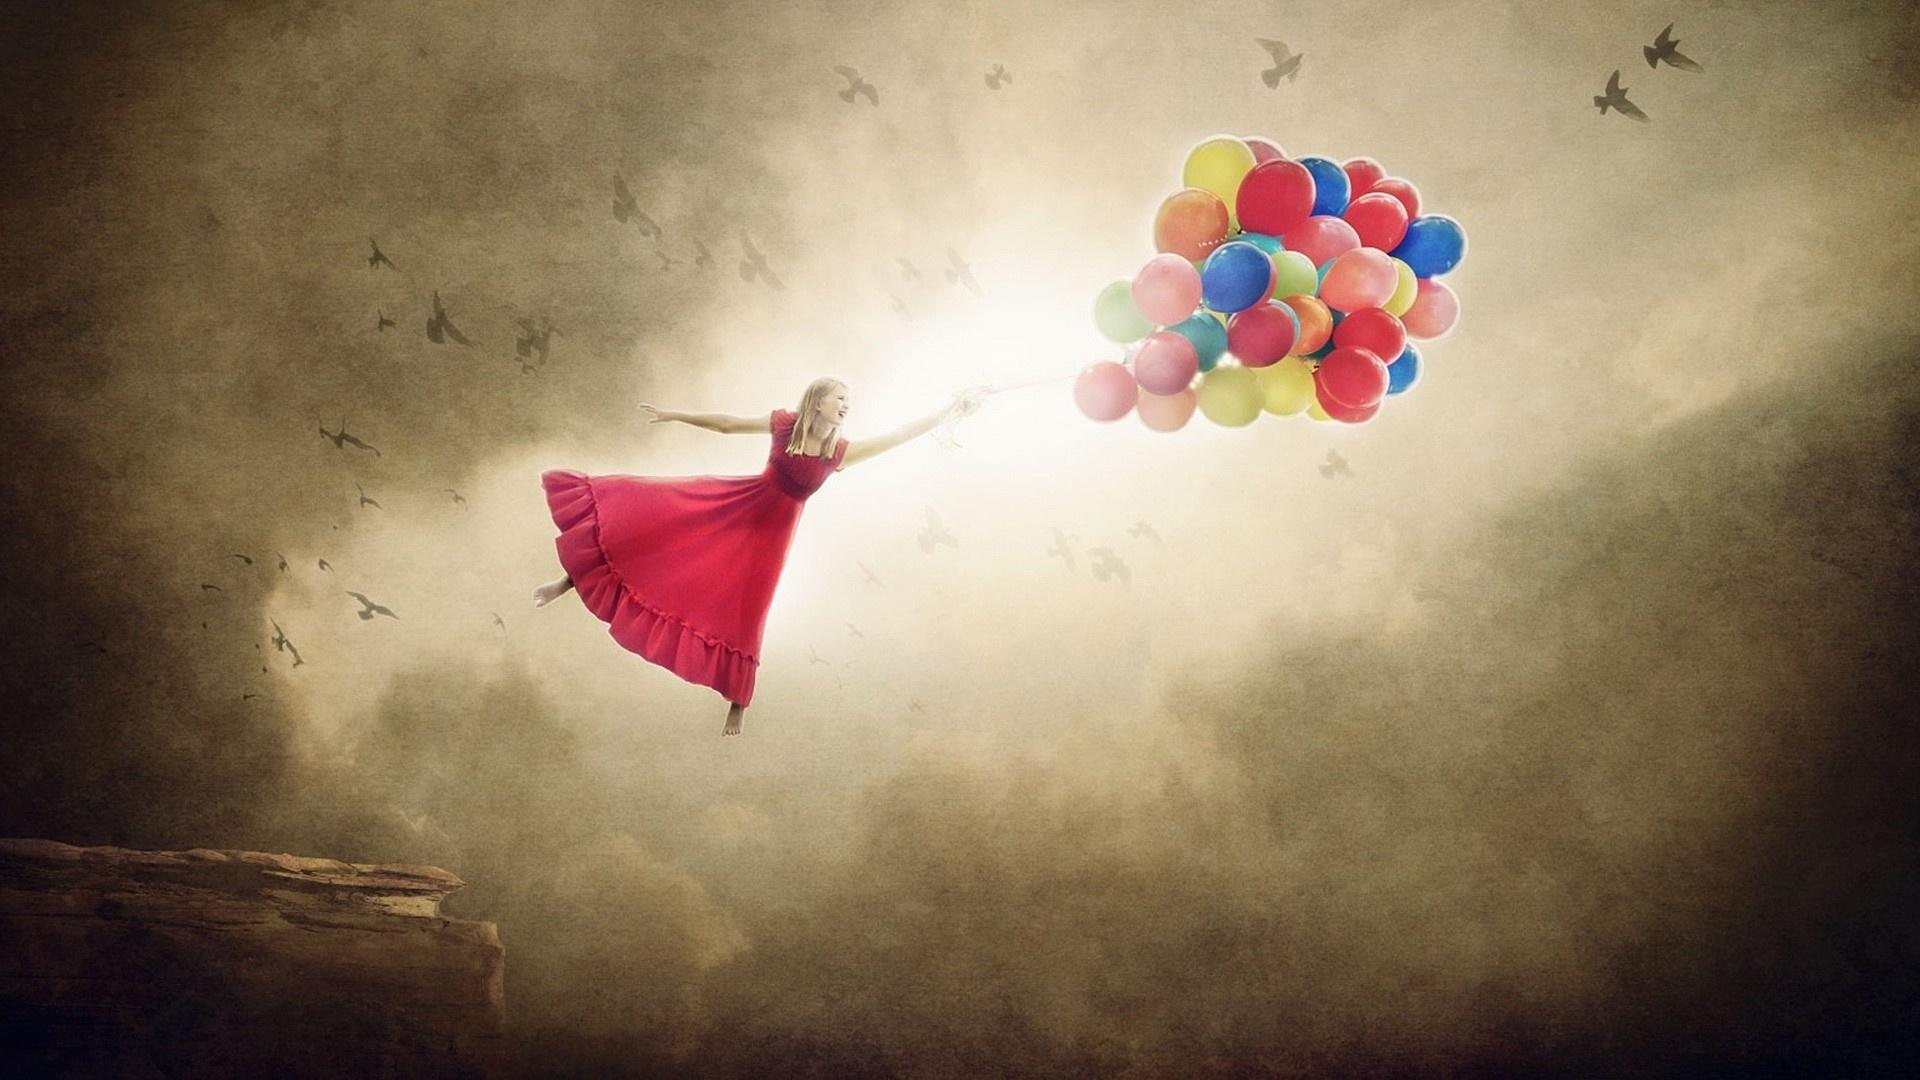 Flying Girl wallpaper for desktop